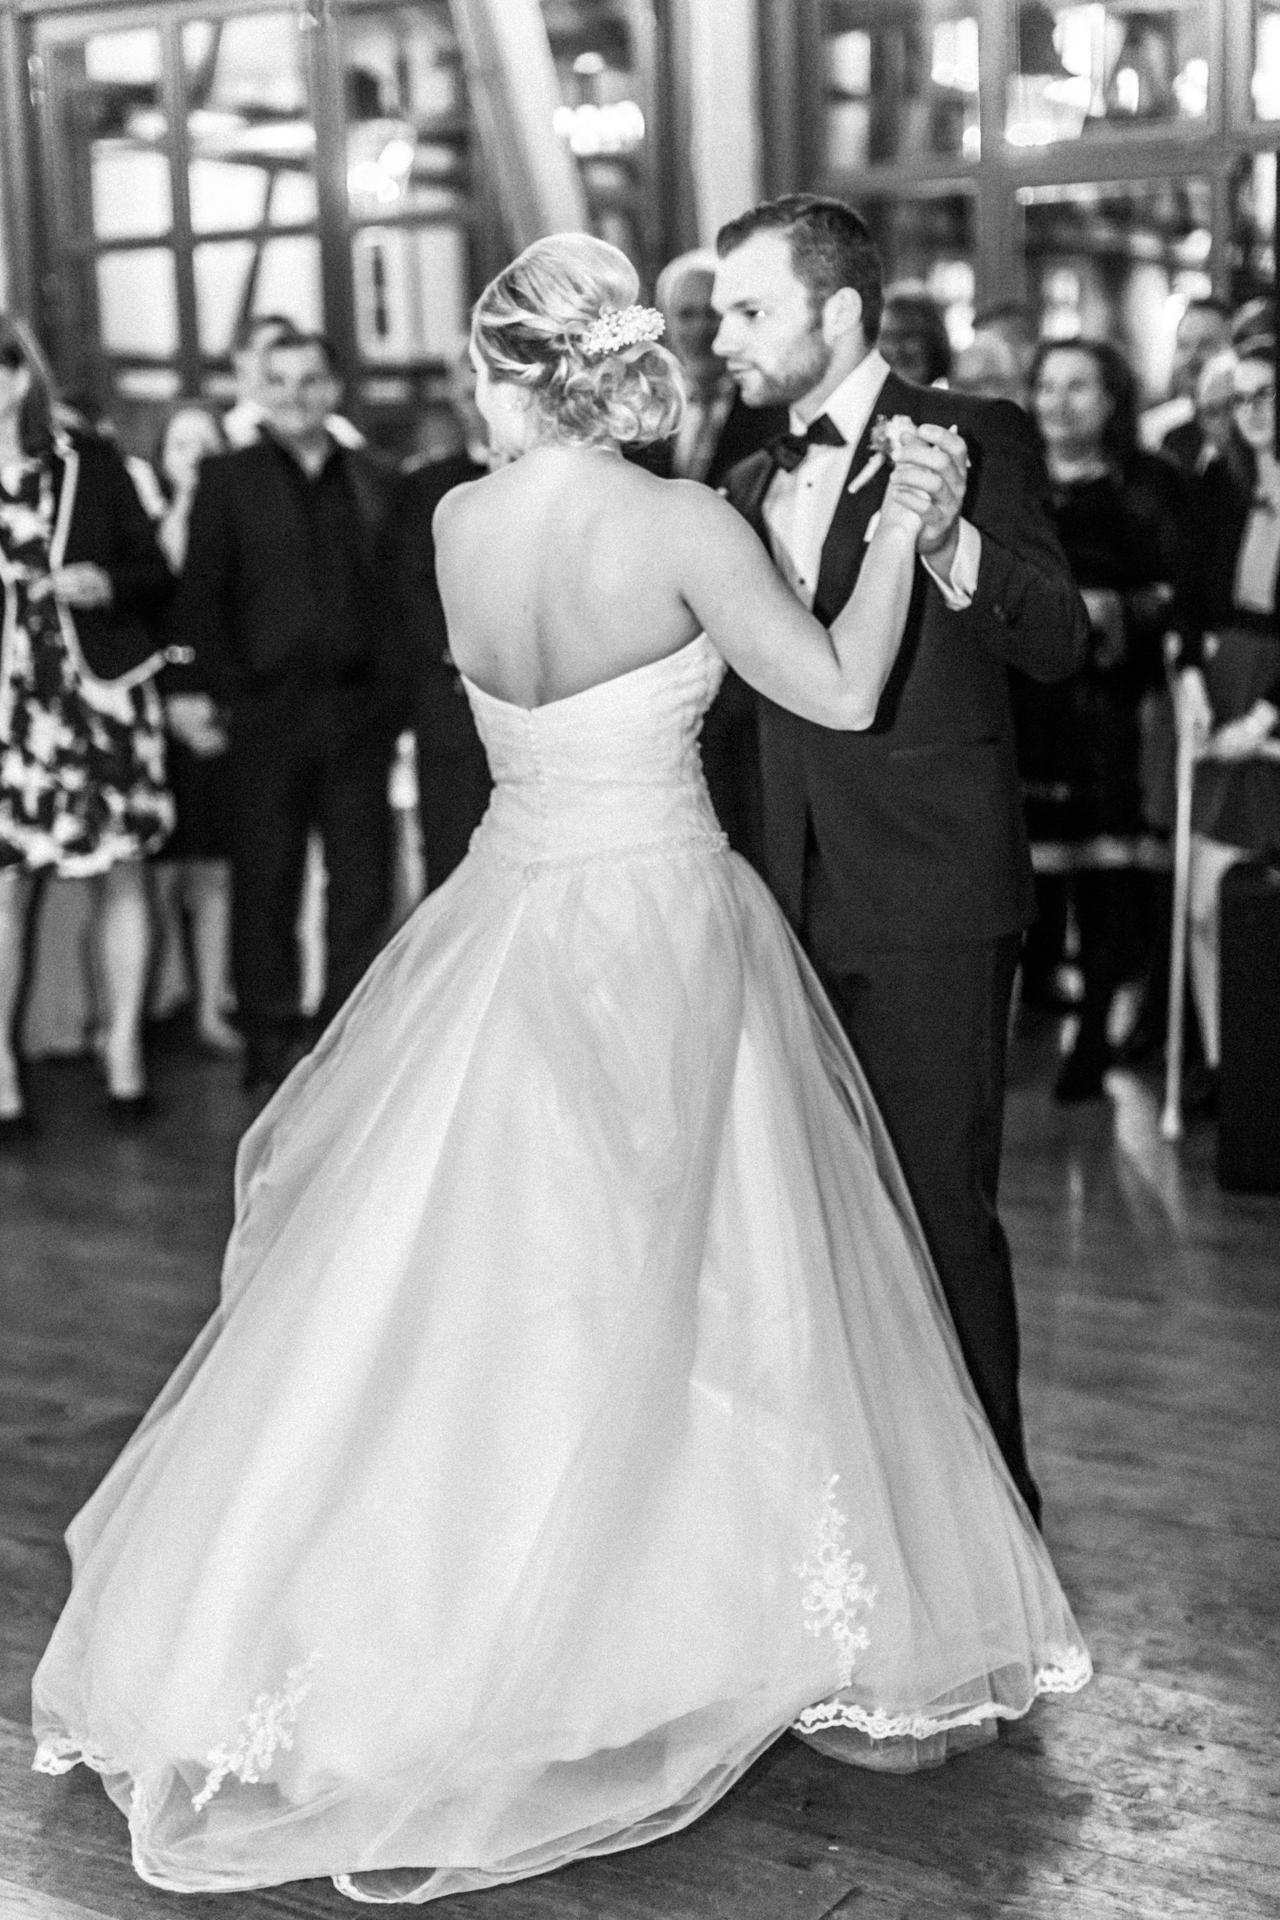 Hochzeit Eventscheune Dagobertshausen - Julia & Florian - Sandra Socha Fotografie - 107